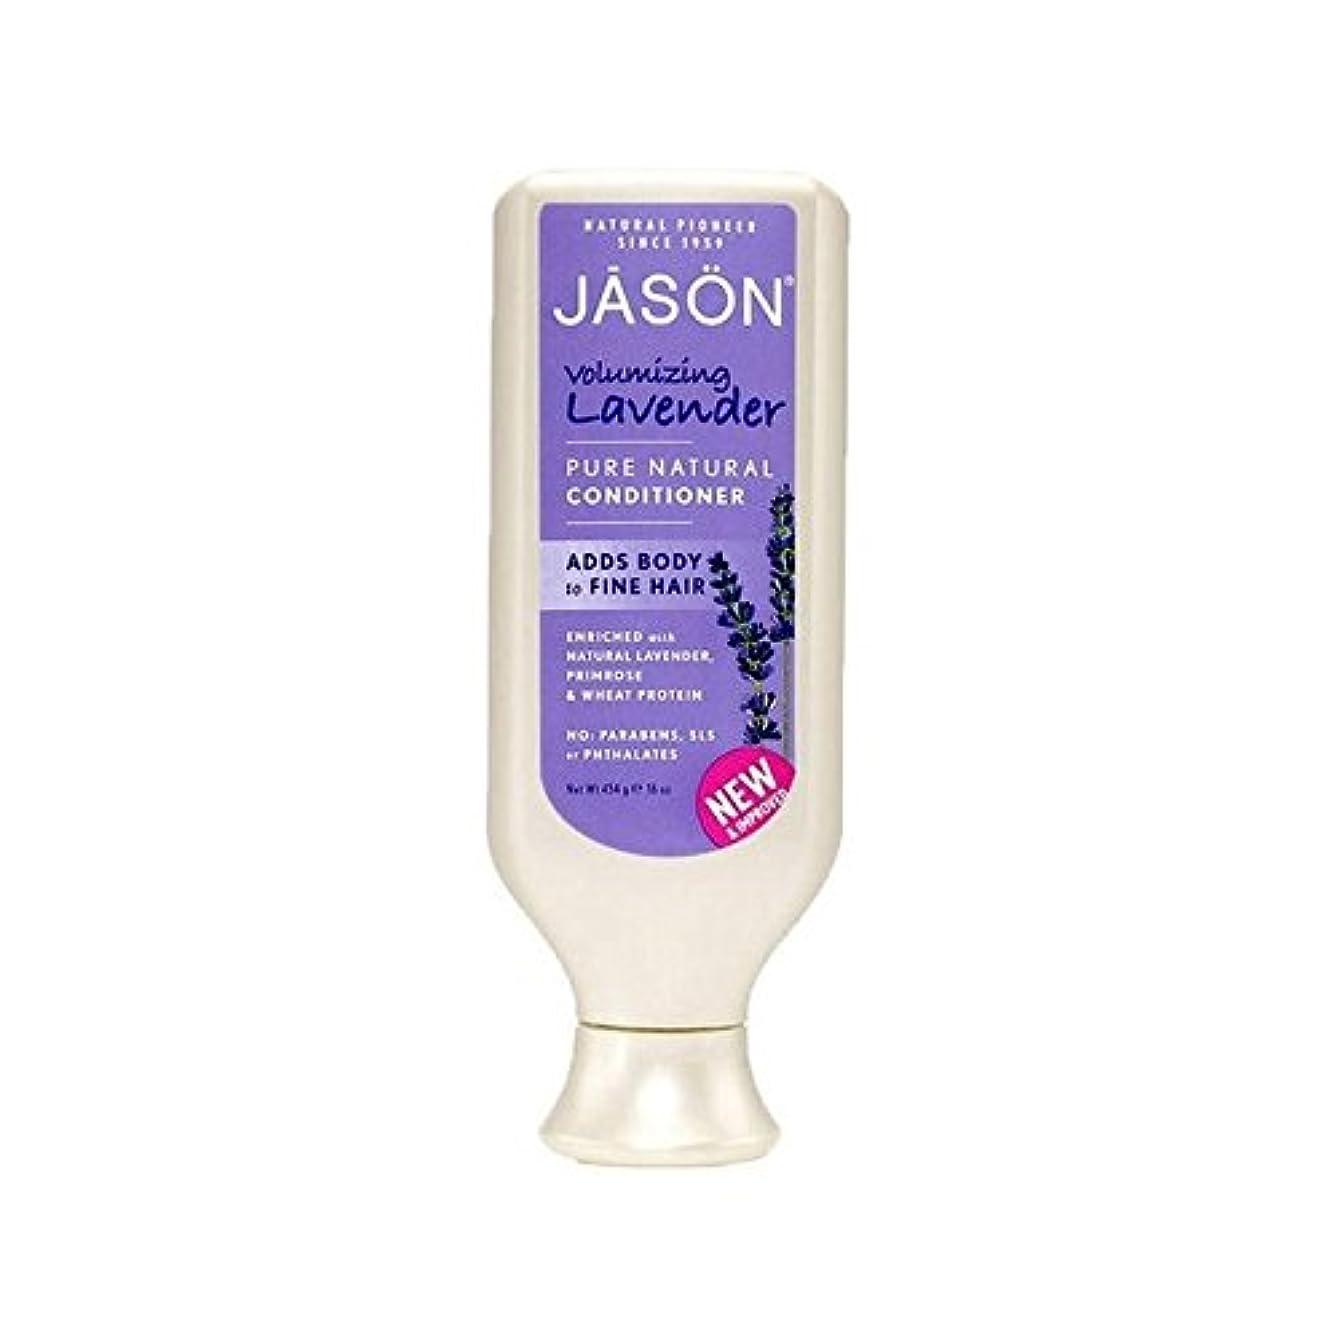 ドアミラーメンテナンス冗談でジェイソン自然ラベンダーコンディショナー(454グラム) x2 - Jason Natural Lavender Conditioner (454G) (Pack of 2) [並行輸入品]